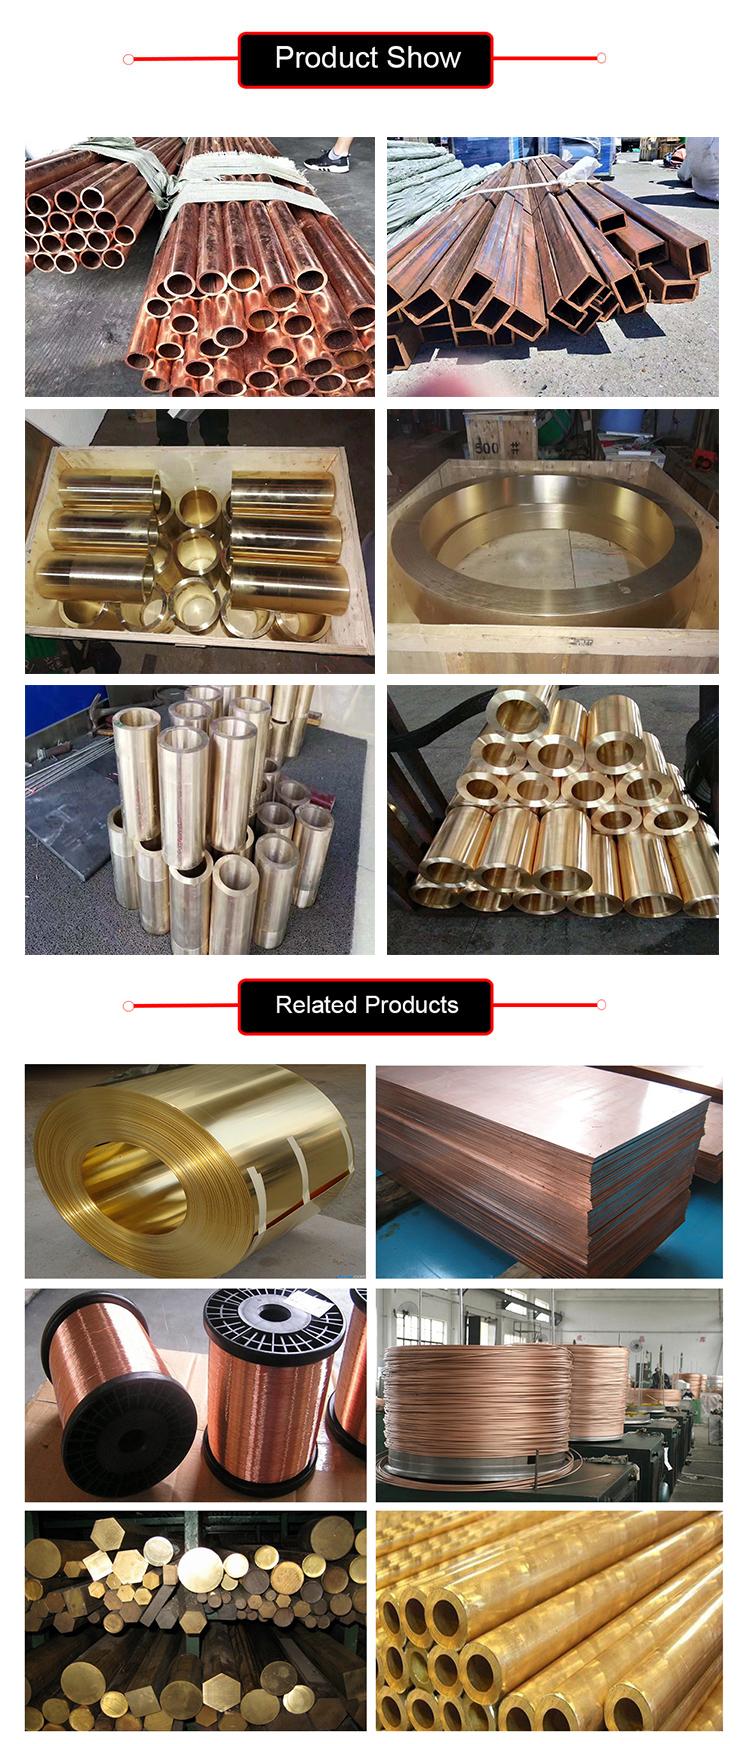 Tubo de cobre/tubo de cobre (tubo de bronze, tubo de bronze etc) com max OD200mm